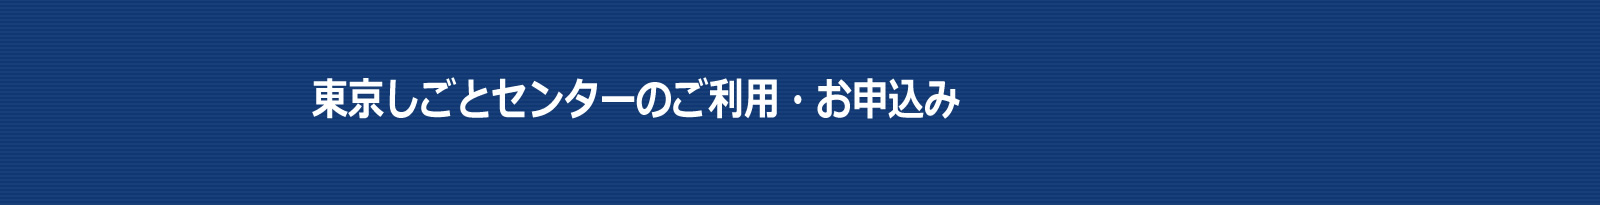 東京しごとセンターのご利用・お申込み